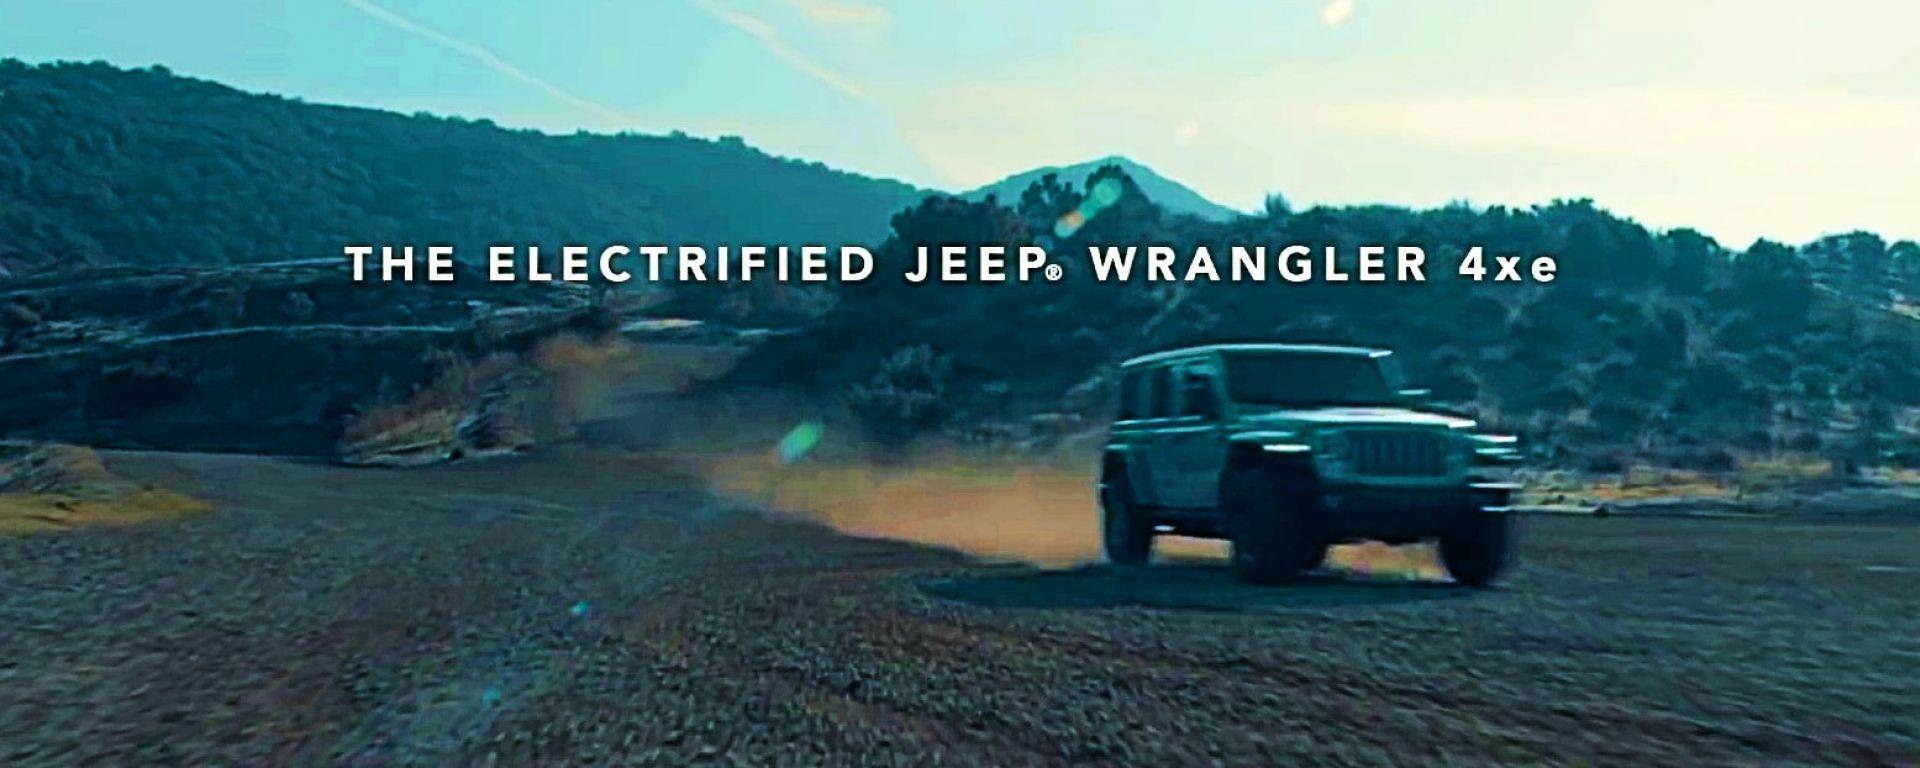 Jeep Wrangler 4xe, un fotogramma del video teaser